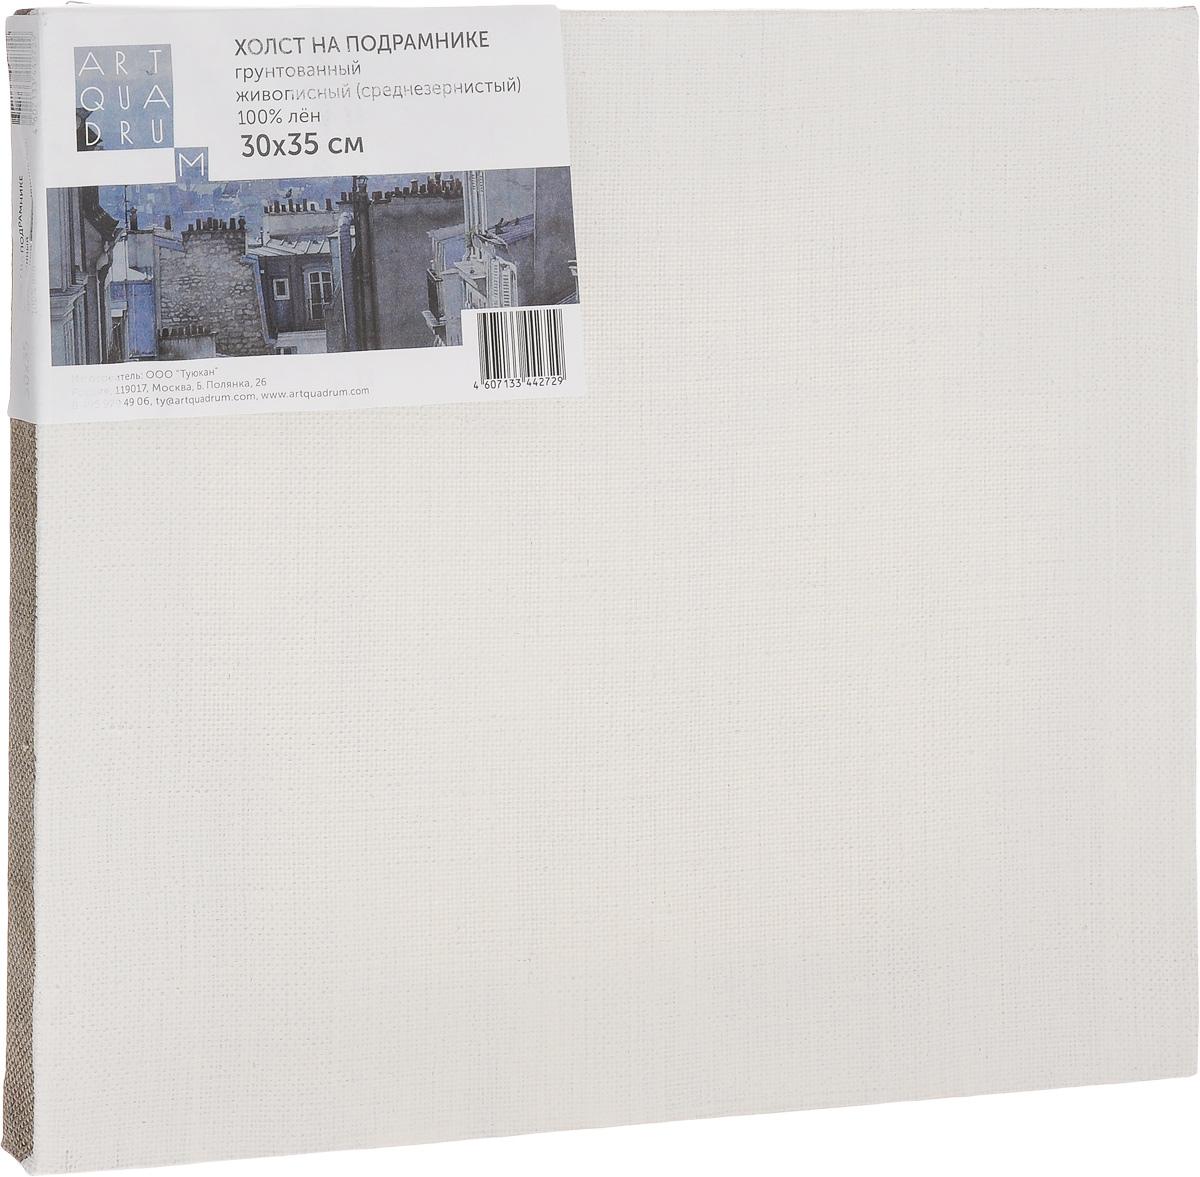 Холст на подрамнике Туюкан Живописный, 30 х 35 смТ0003738Холст для живописи грунтованный на подрамнике. Идеально подходит для работы маслом, акрилом. 100% лен.